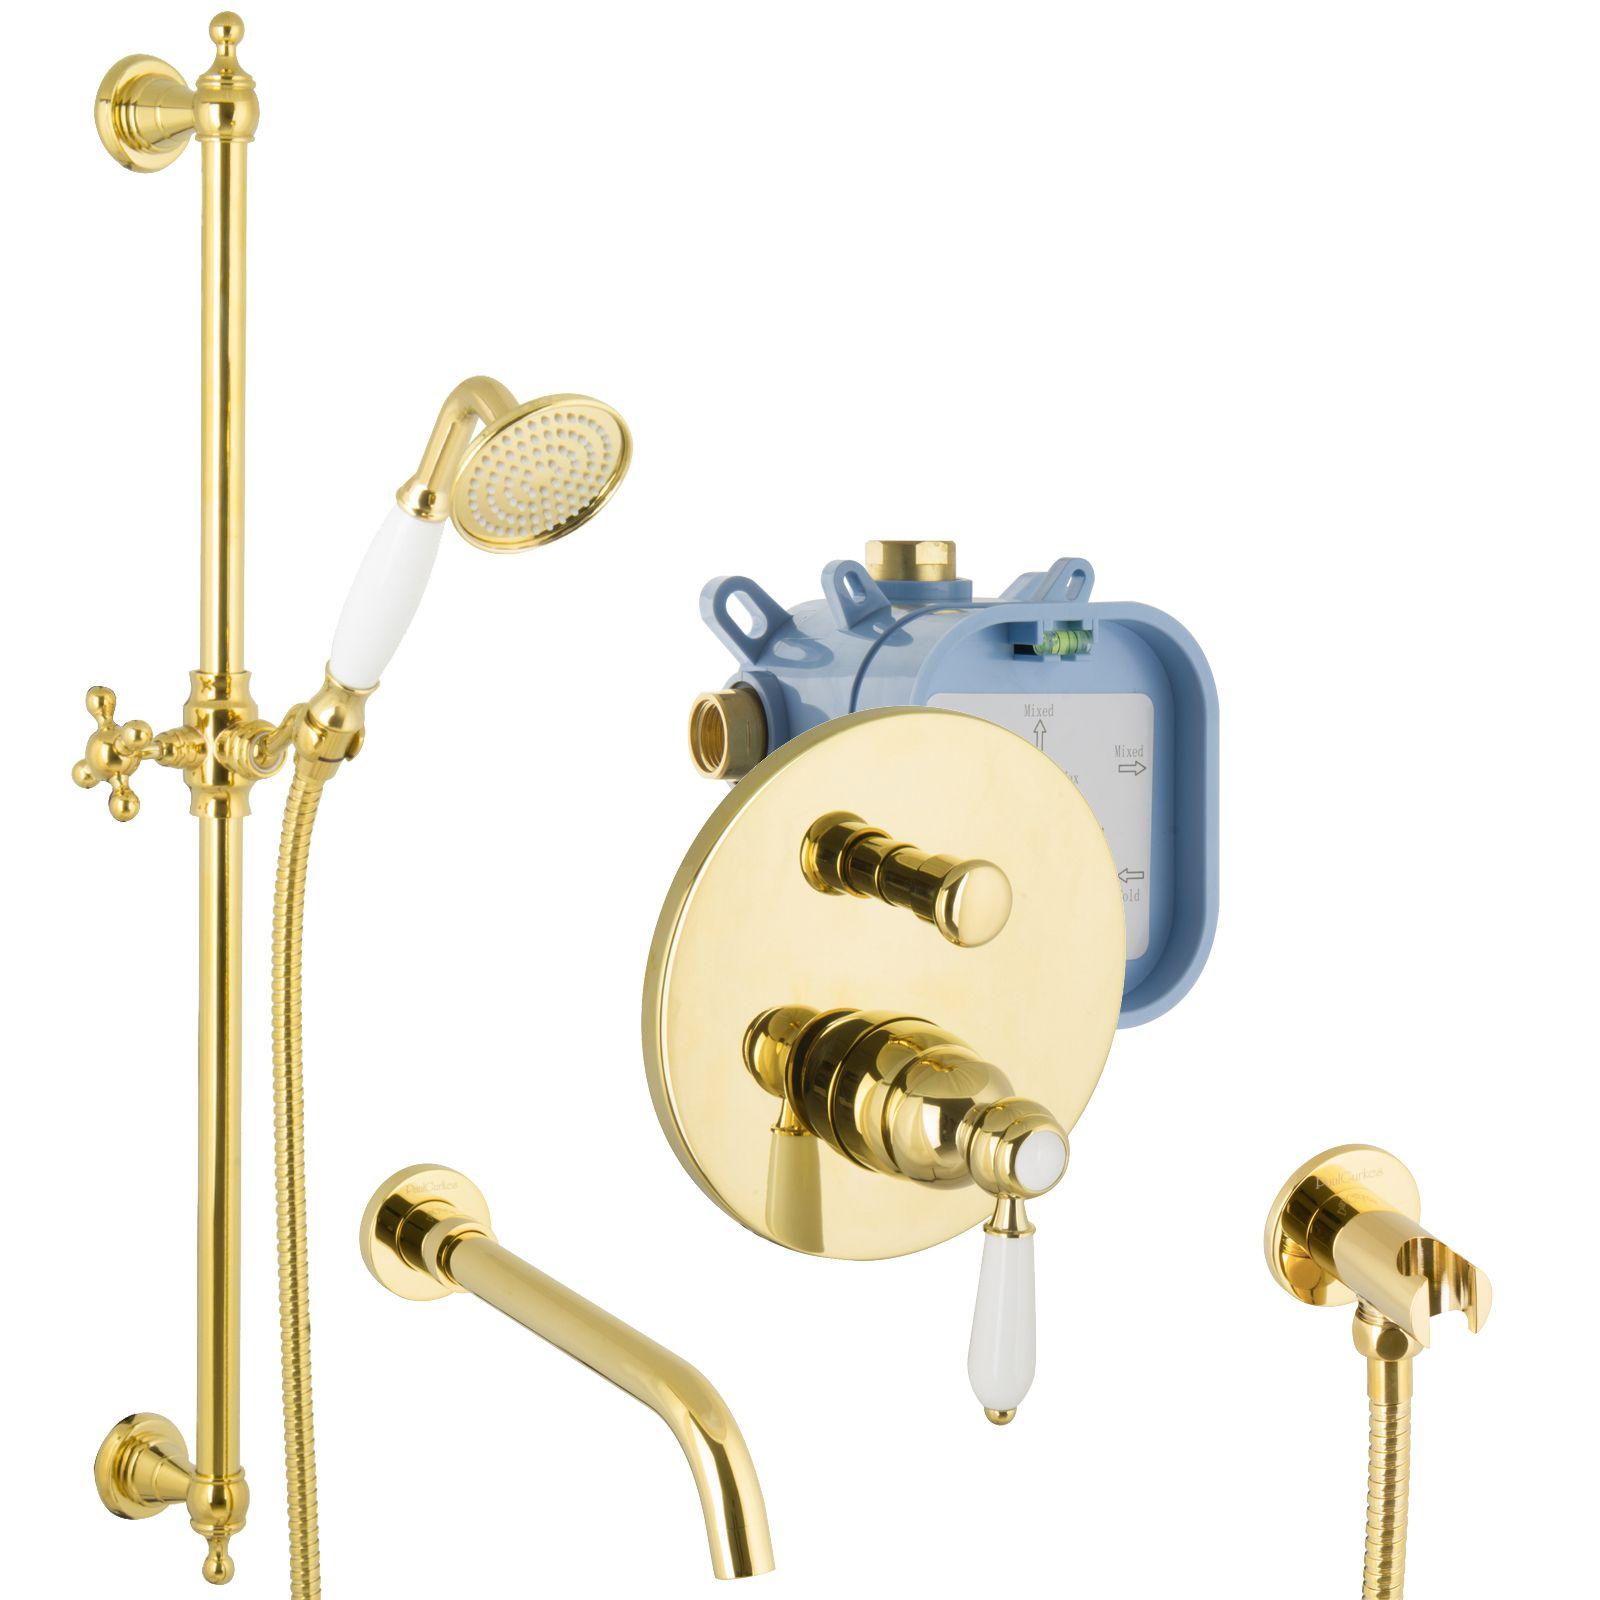 Unterputz Set Gold Badewannen Armatur Mit Brausestange Up Armatur